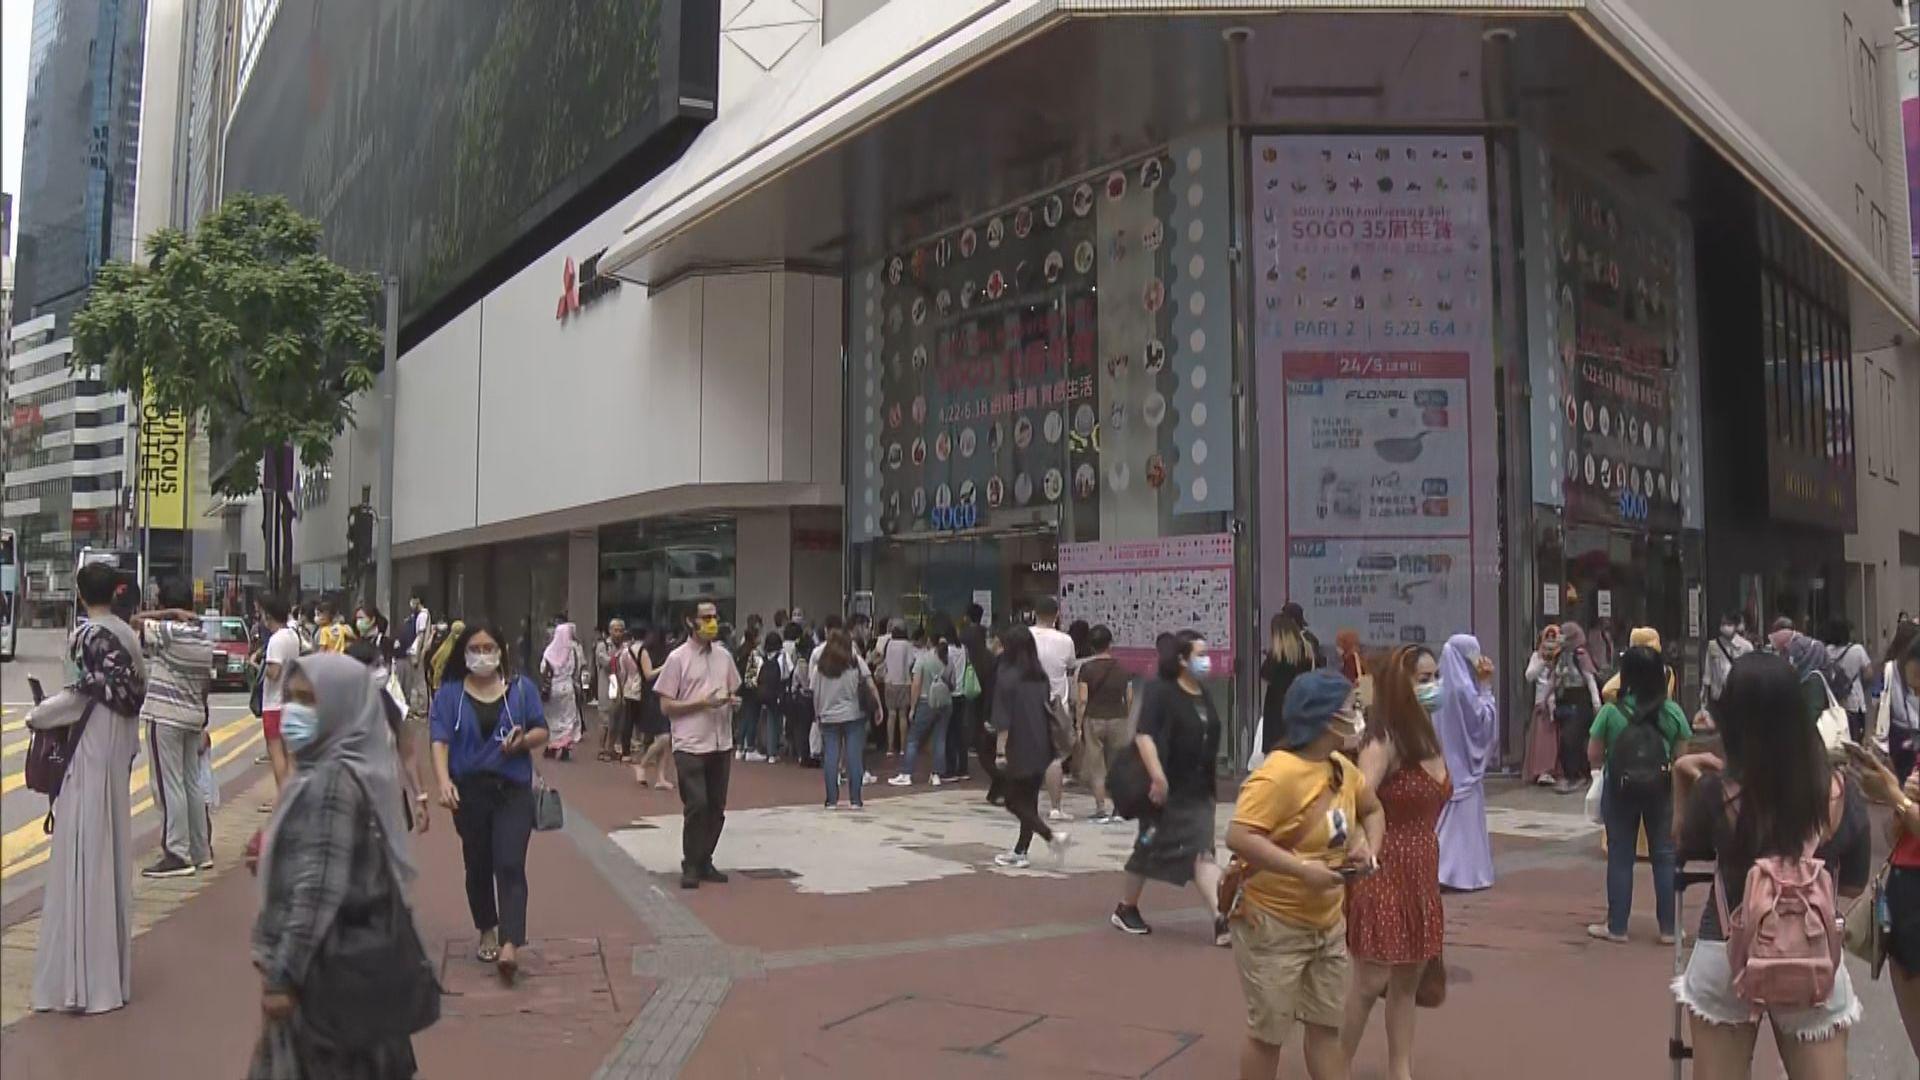 網上有人發起遊行反對香港國安法